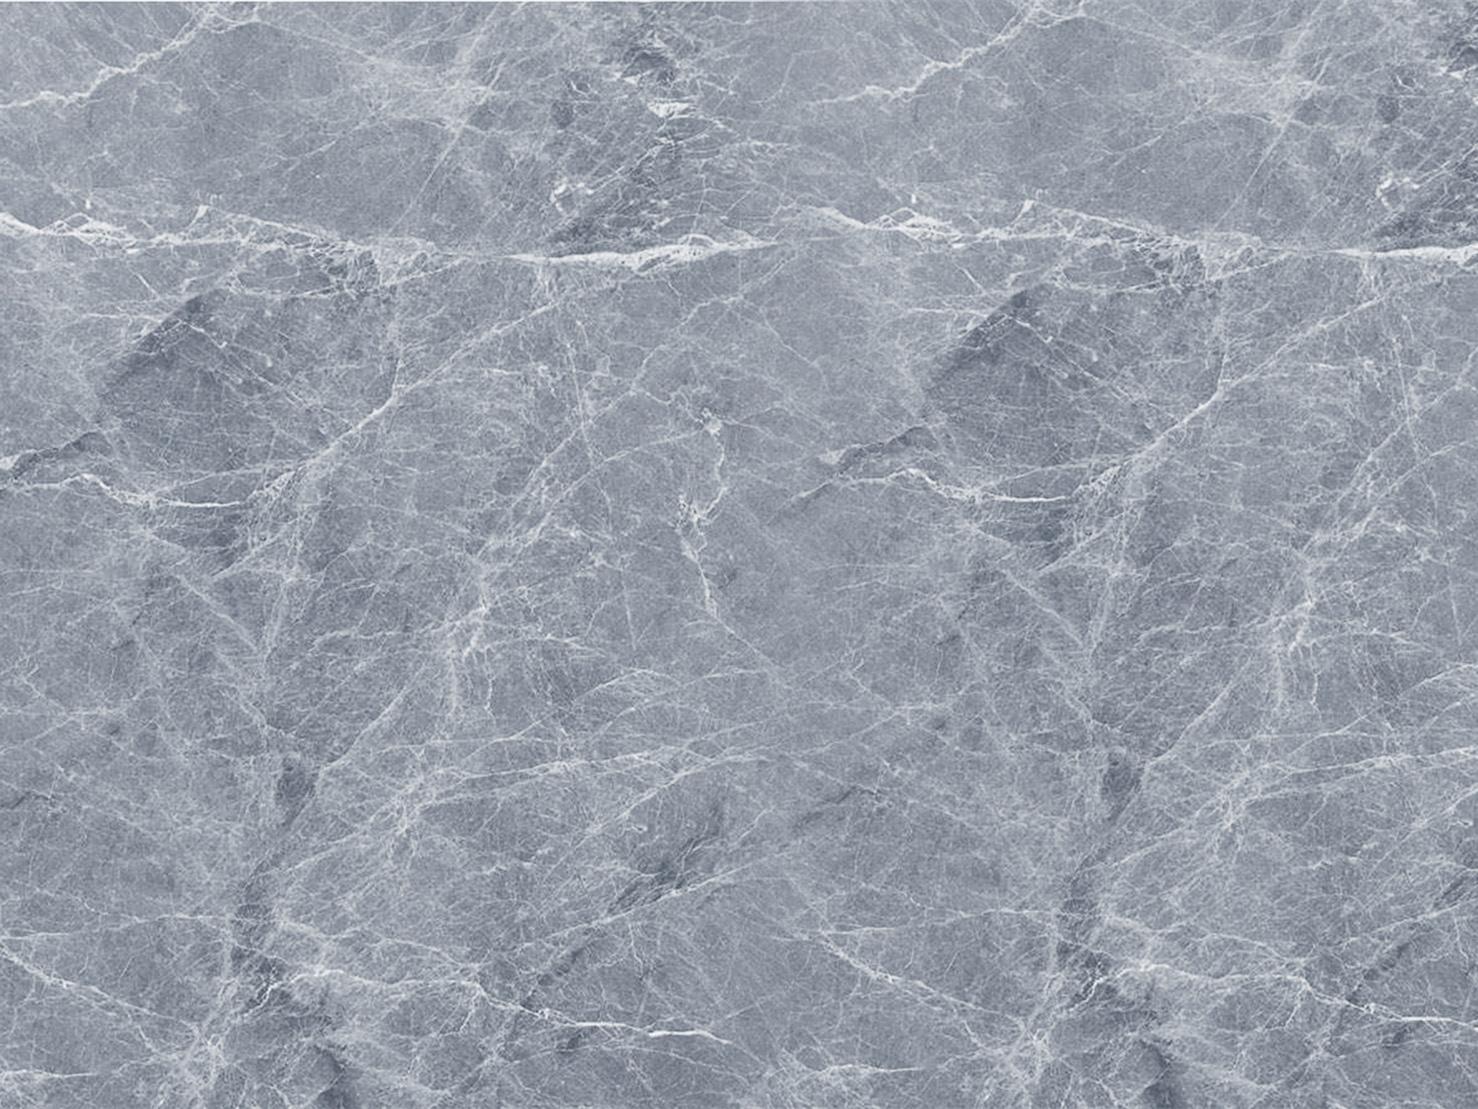 大理石结晶施工方法?大理石结晶施工注意事项?